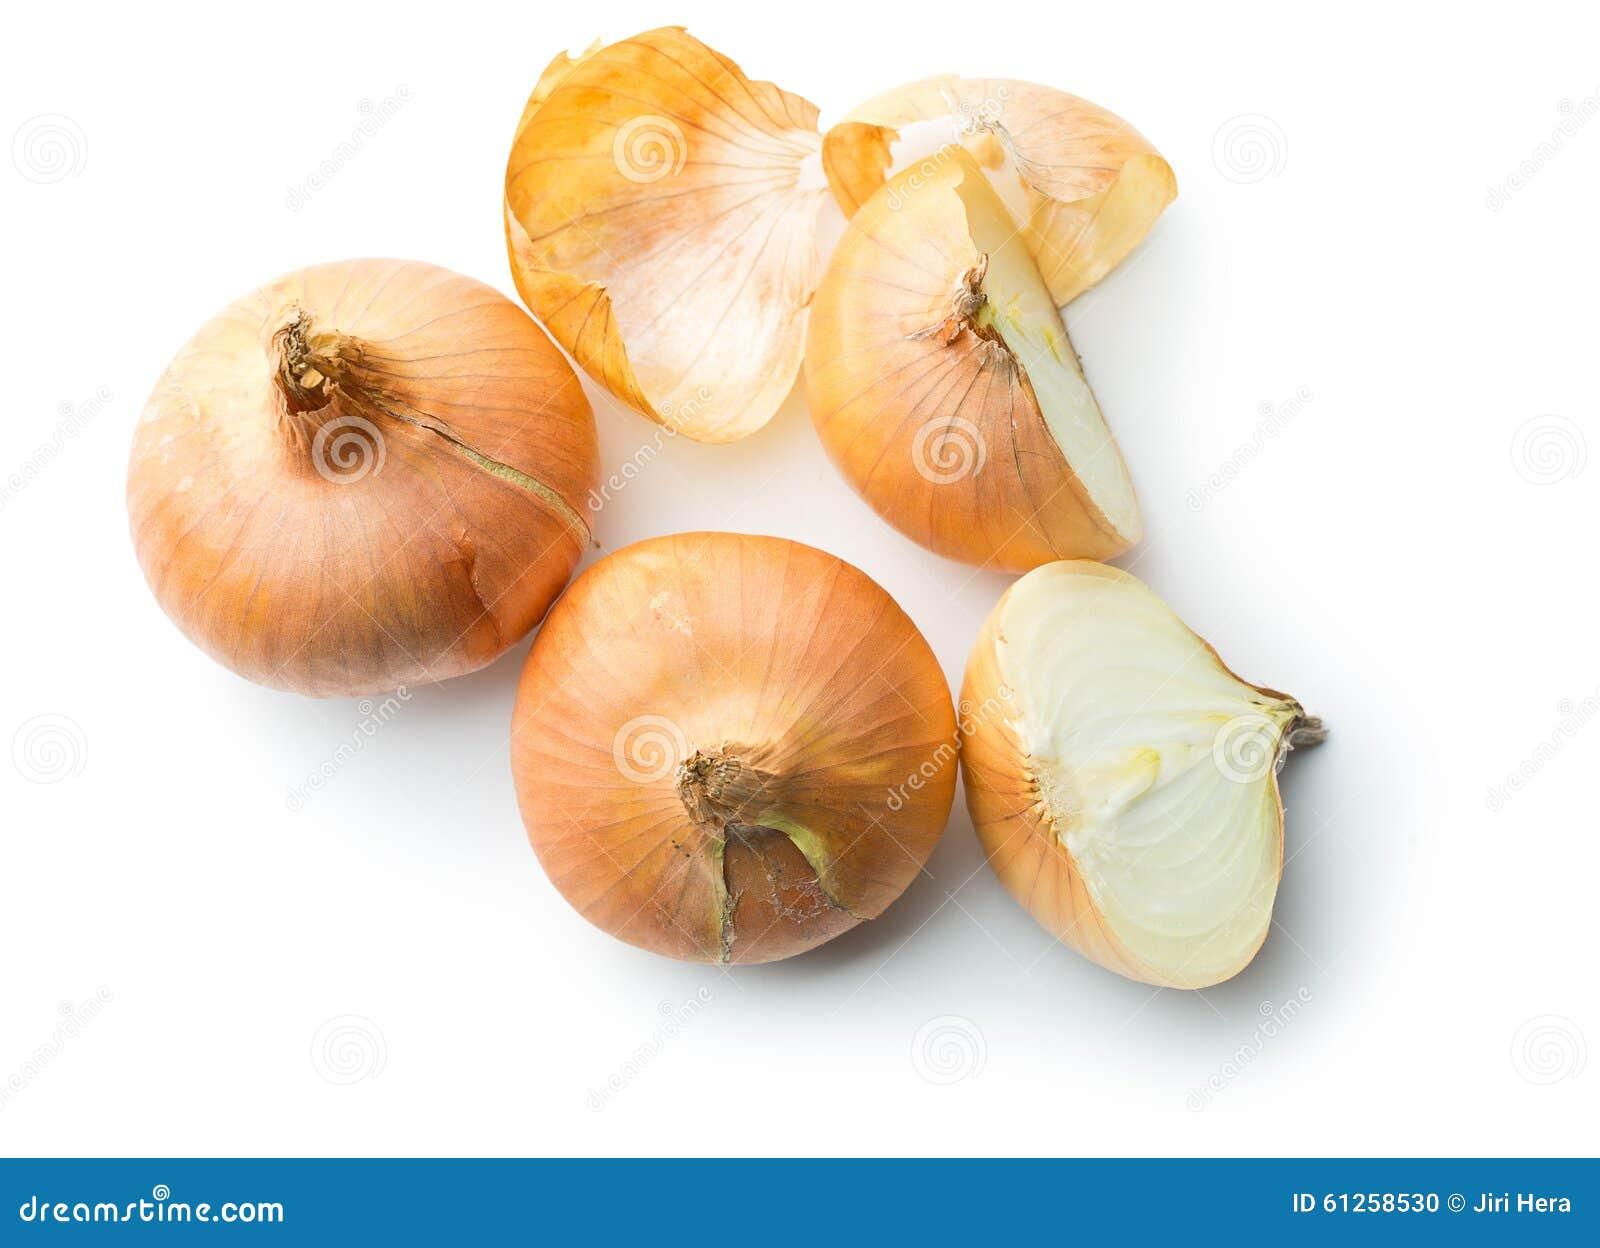 Cebolla fresca partida en dos